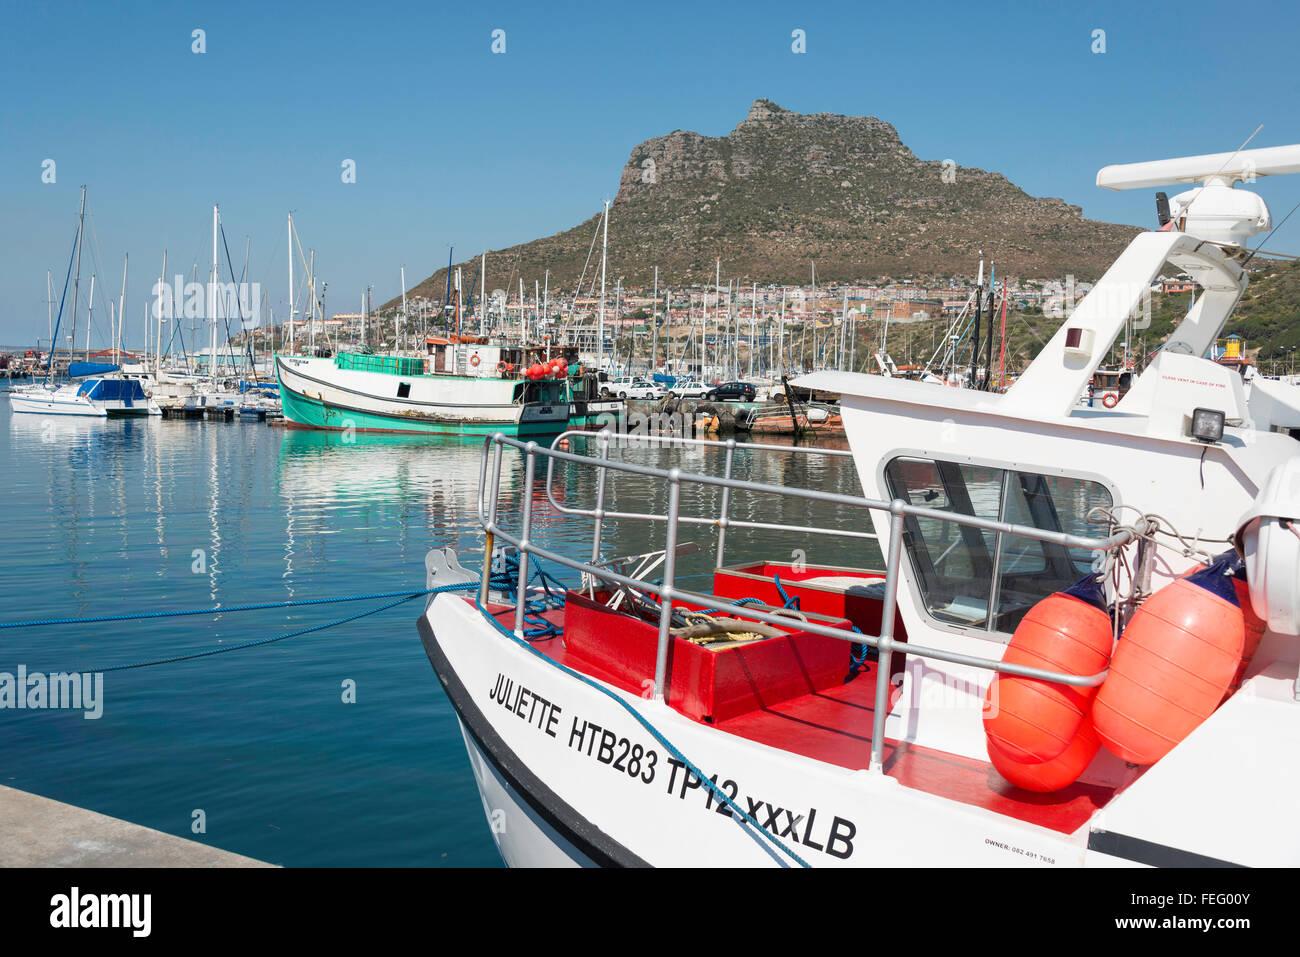 Angelboote/Fischerboote im Hafen von Hout Bay, Kap-Halbinsel, Stadtverwaltung von Kapstadt, Westkap, Südafrika Stockfoto